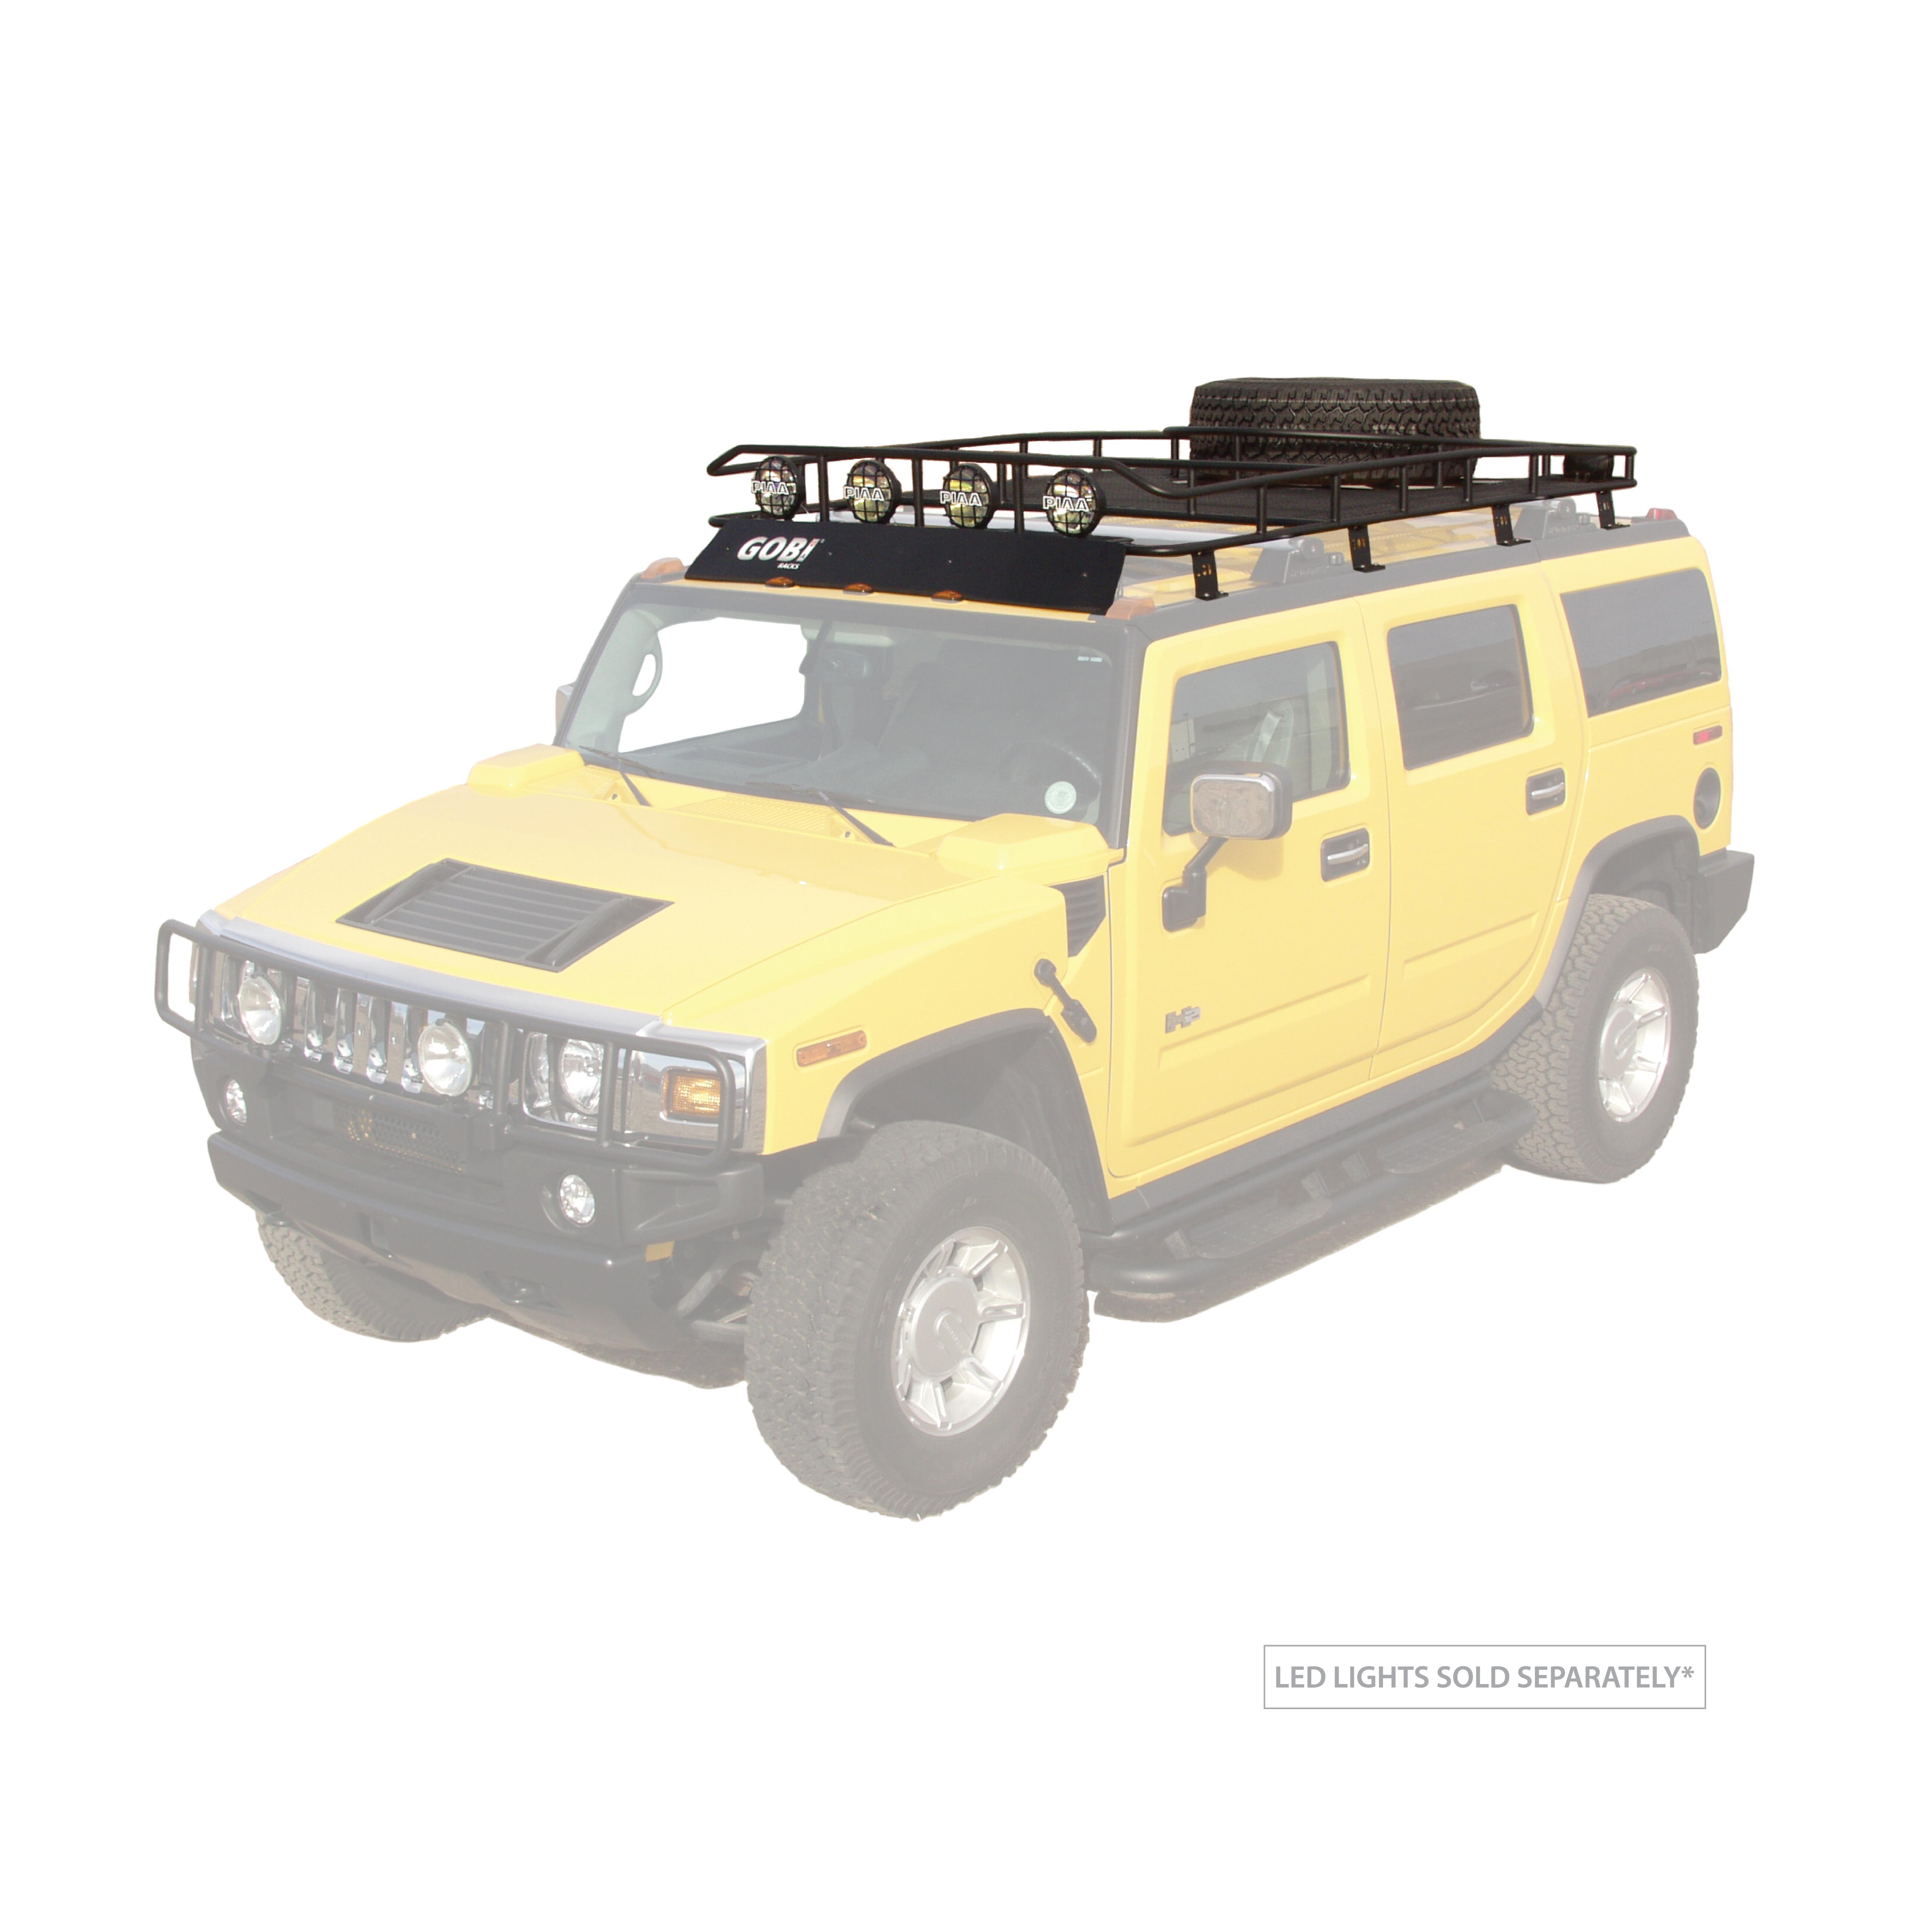 Gobi Hummer H2 Ranger Tire Carrier Rack With Sunroof